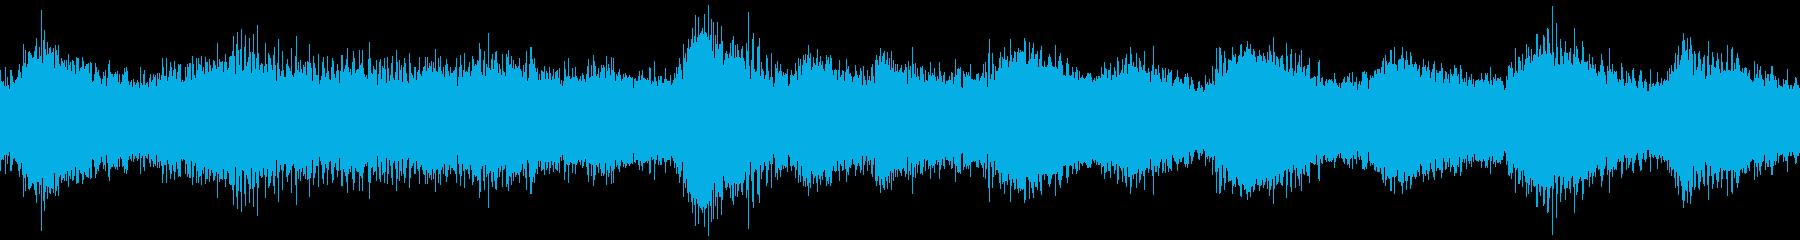 ヒグラシの鳴き声の再生済みの波形